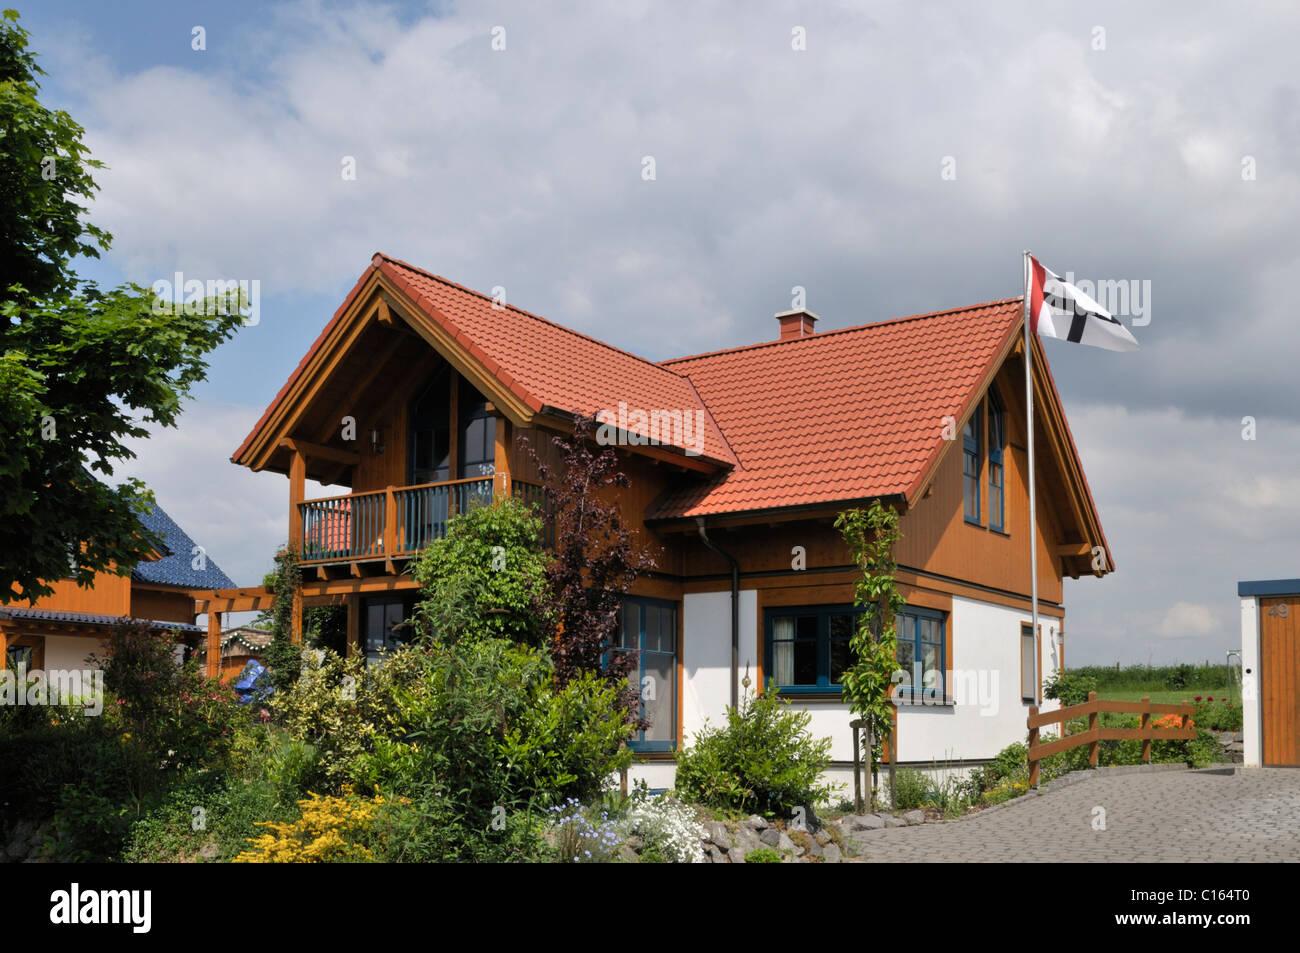 Neubau mit mit Holzelementen, Niedrigenergiehaus, Grafschaft, Rheinland-Palantine, Deutschland Stockbild